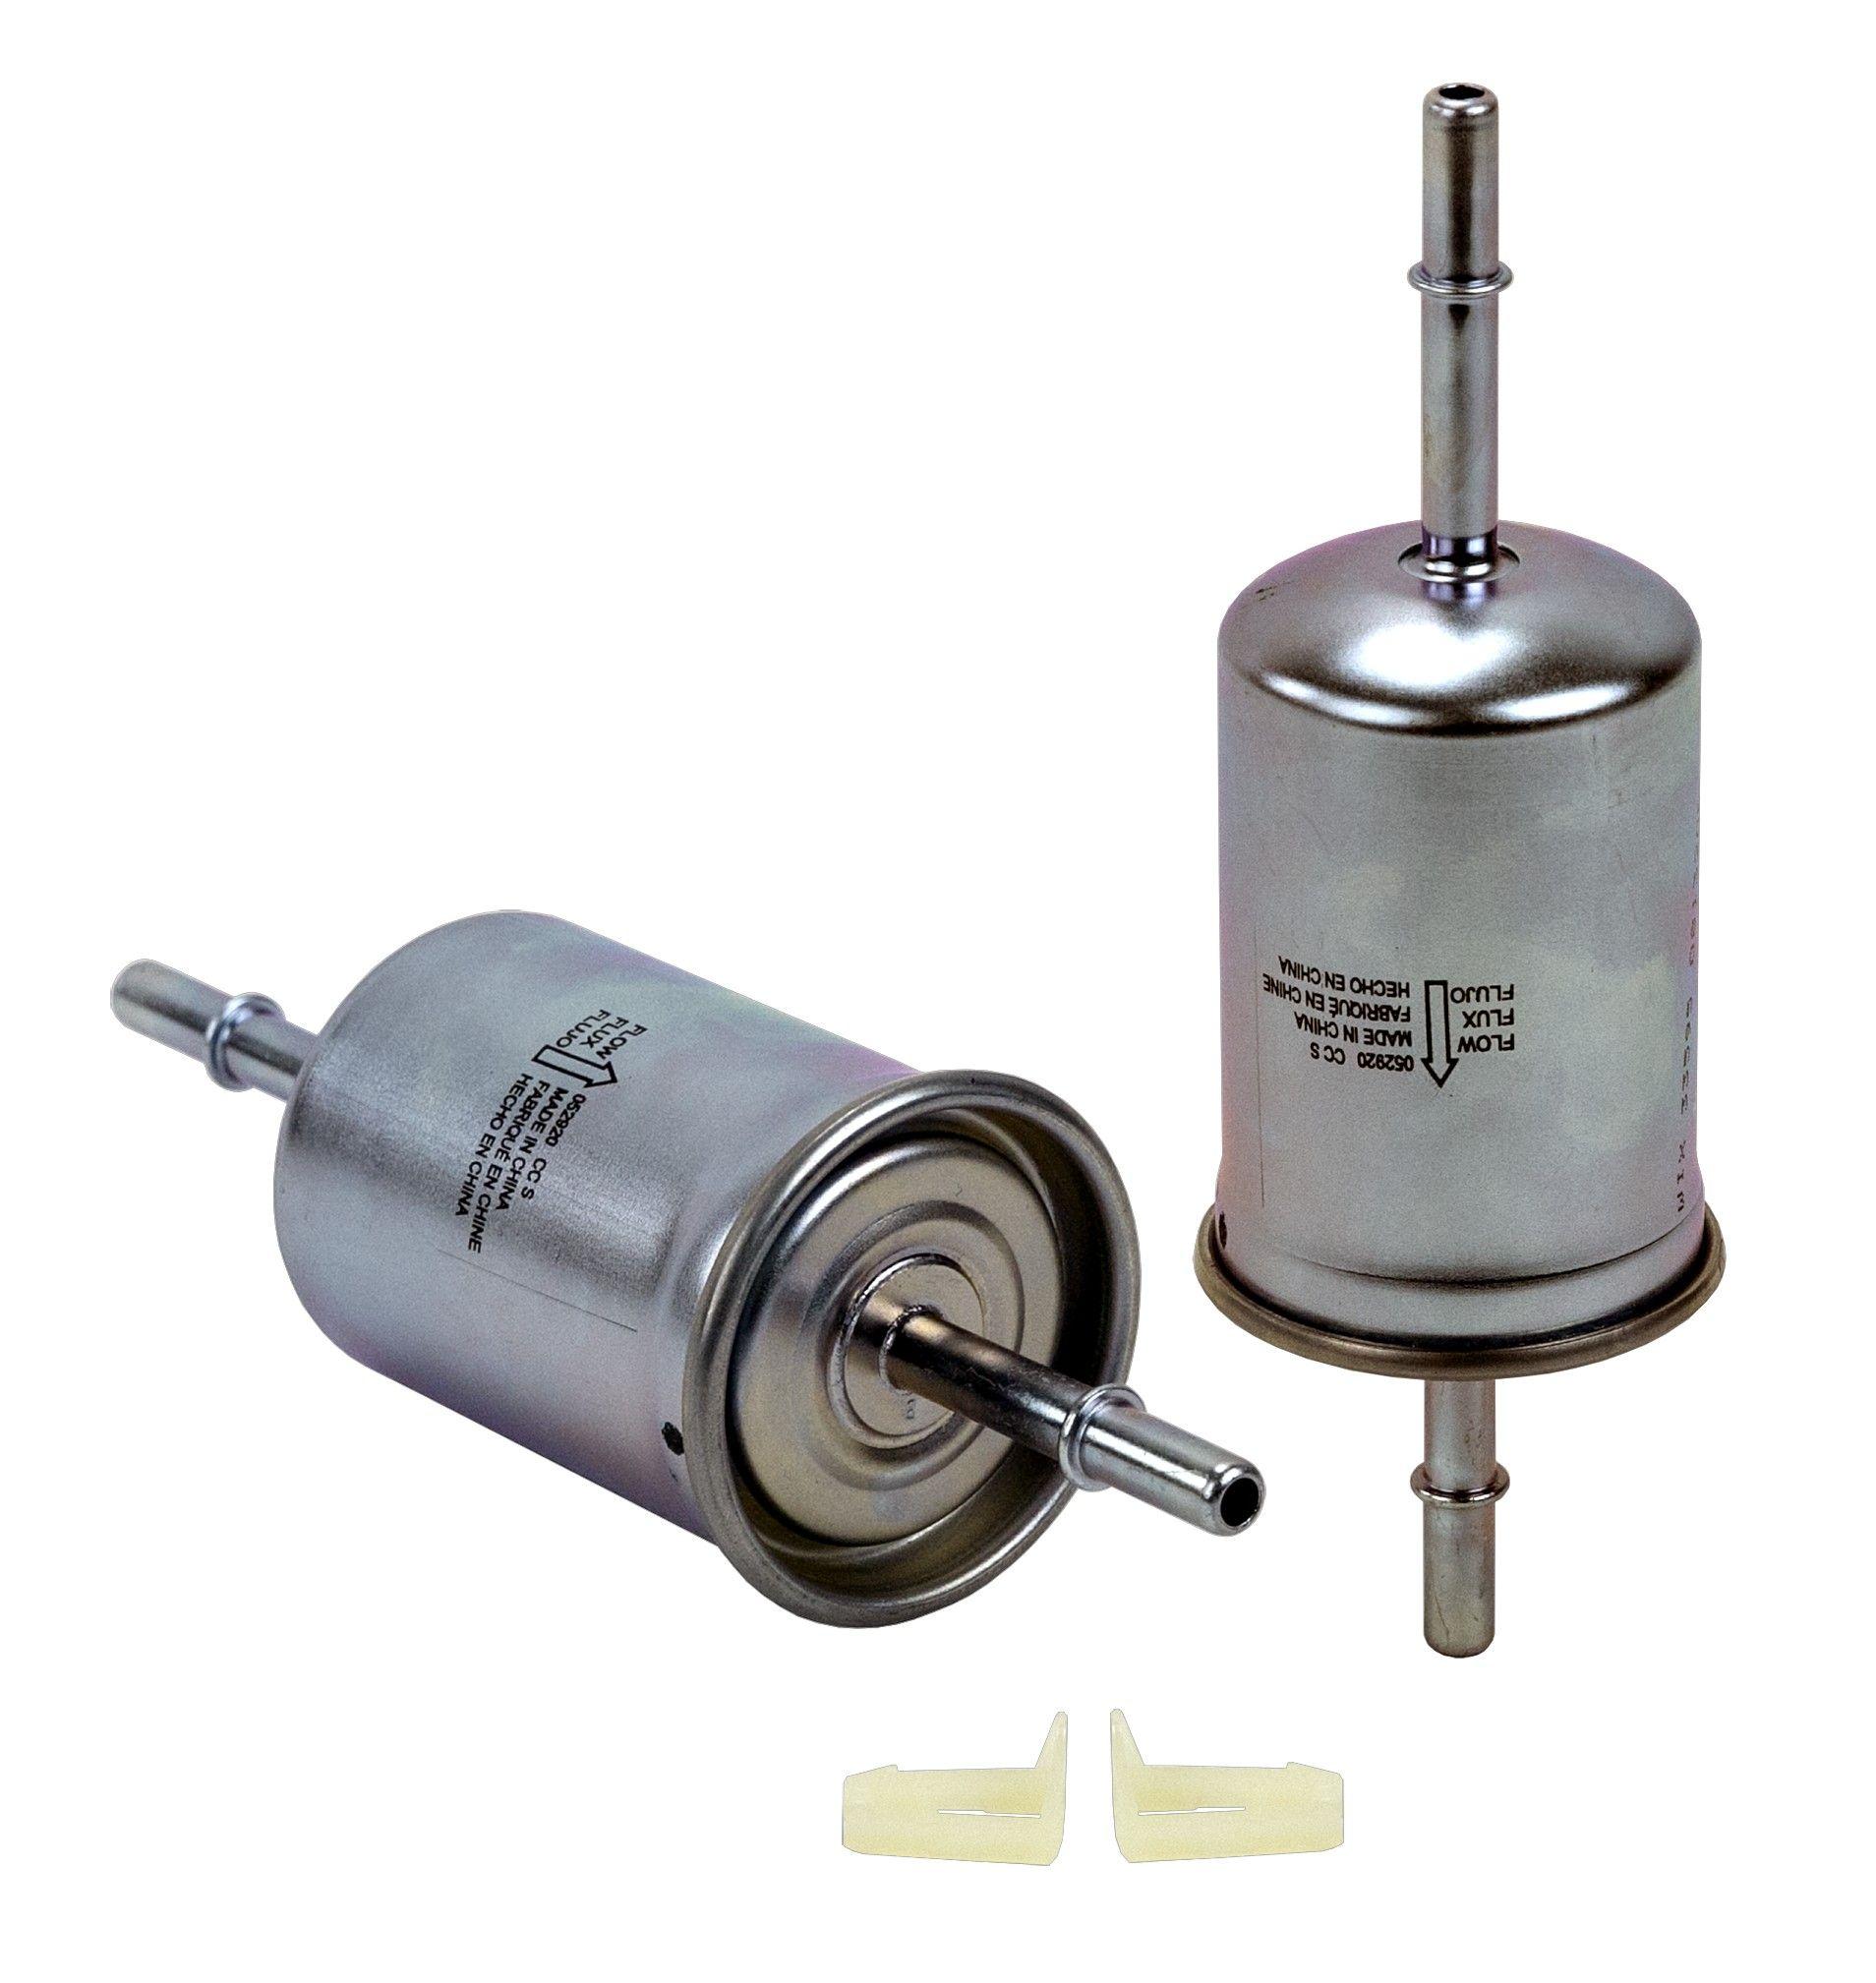 1999 Ford F-250 Fuel Filter 8 Cyl 4.6L (Wix 33595)